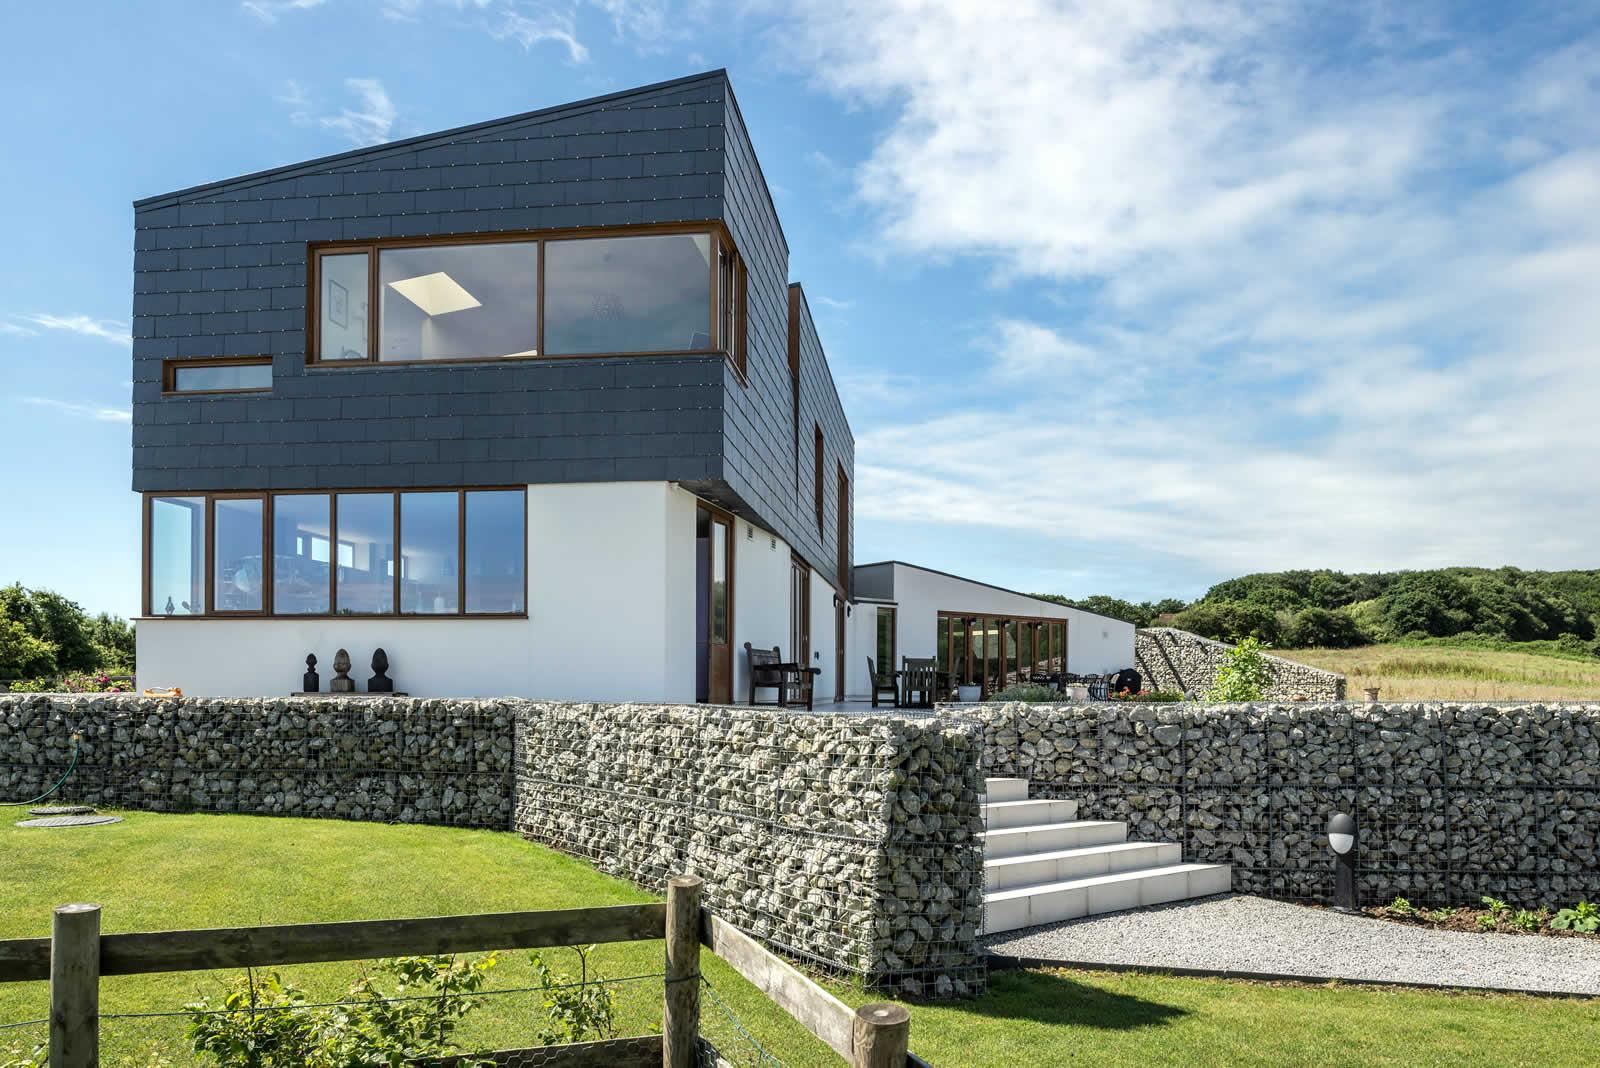 Imagen del Split House_ South Essex (UK) con fachada ventilada con los sistemas CUPACLAD de CUPA